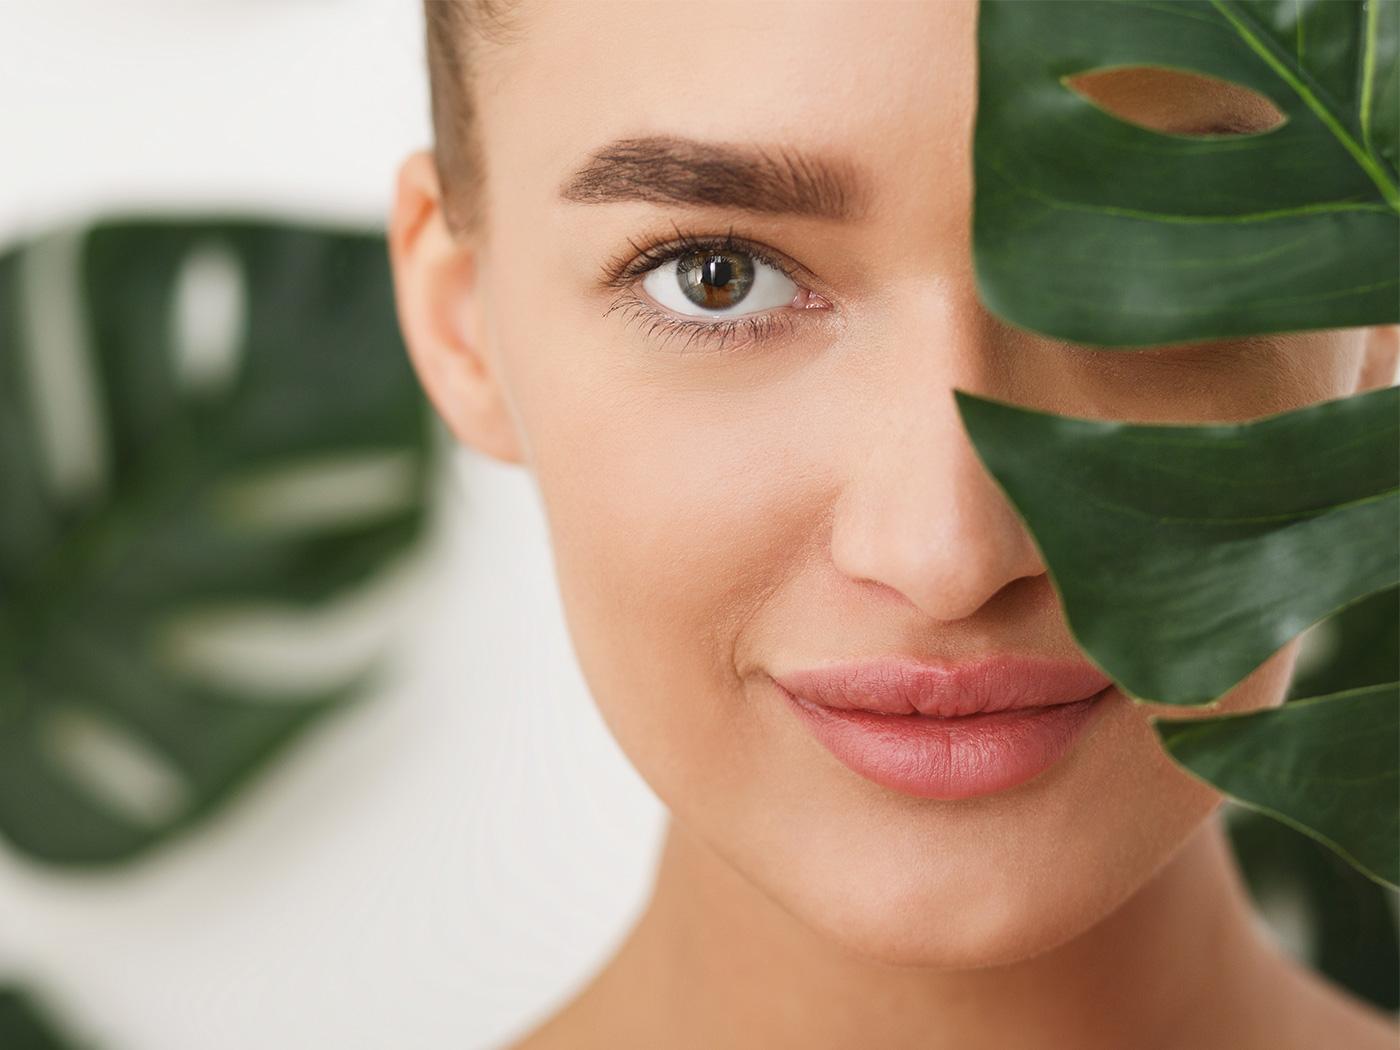 Τι είναι το Clean beauty για το οποίο μιλάει όλος ο κόσμος της ομορφιάς;